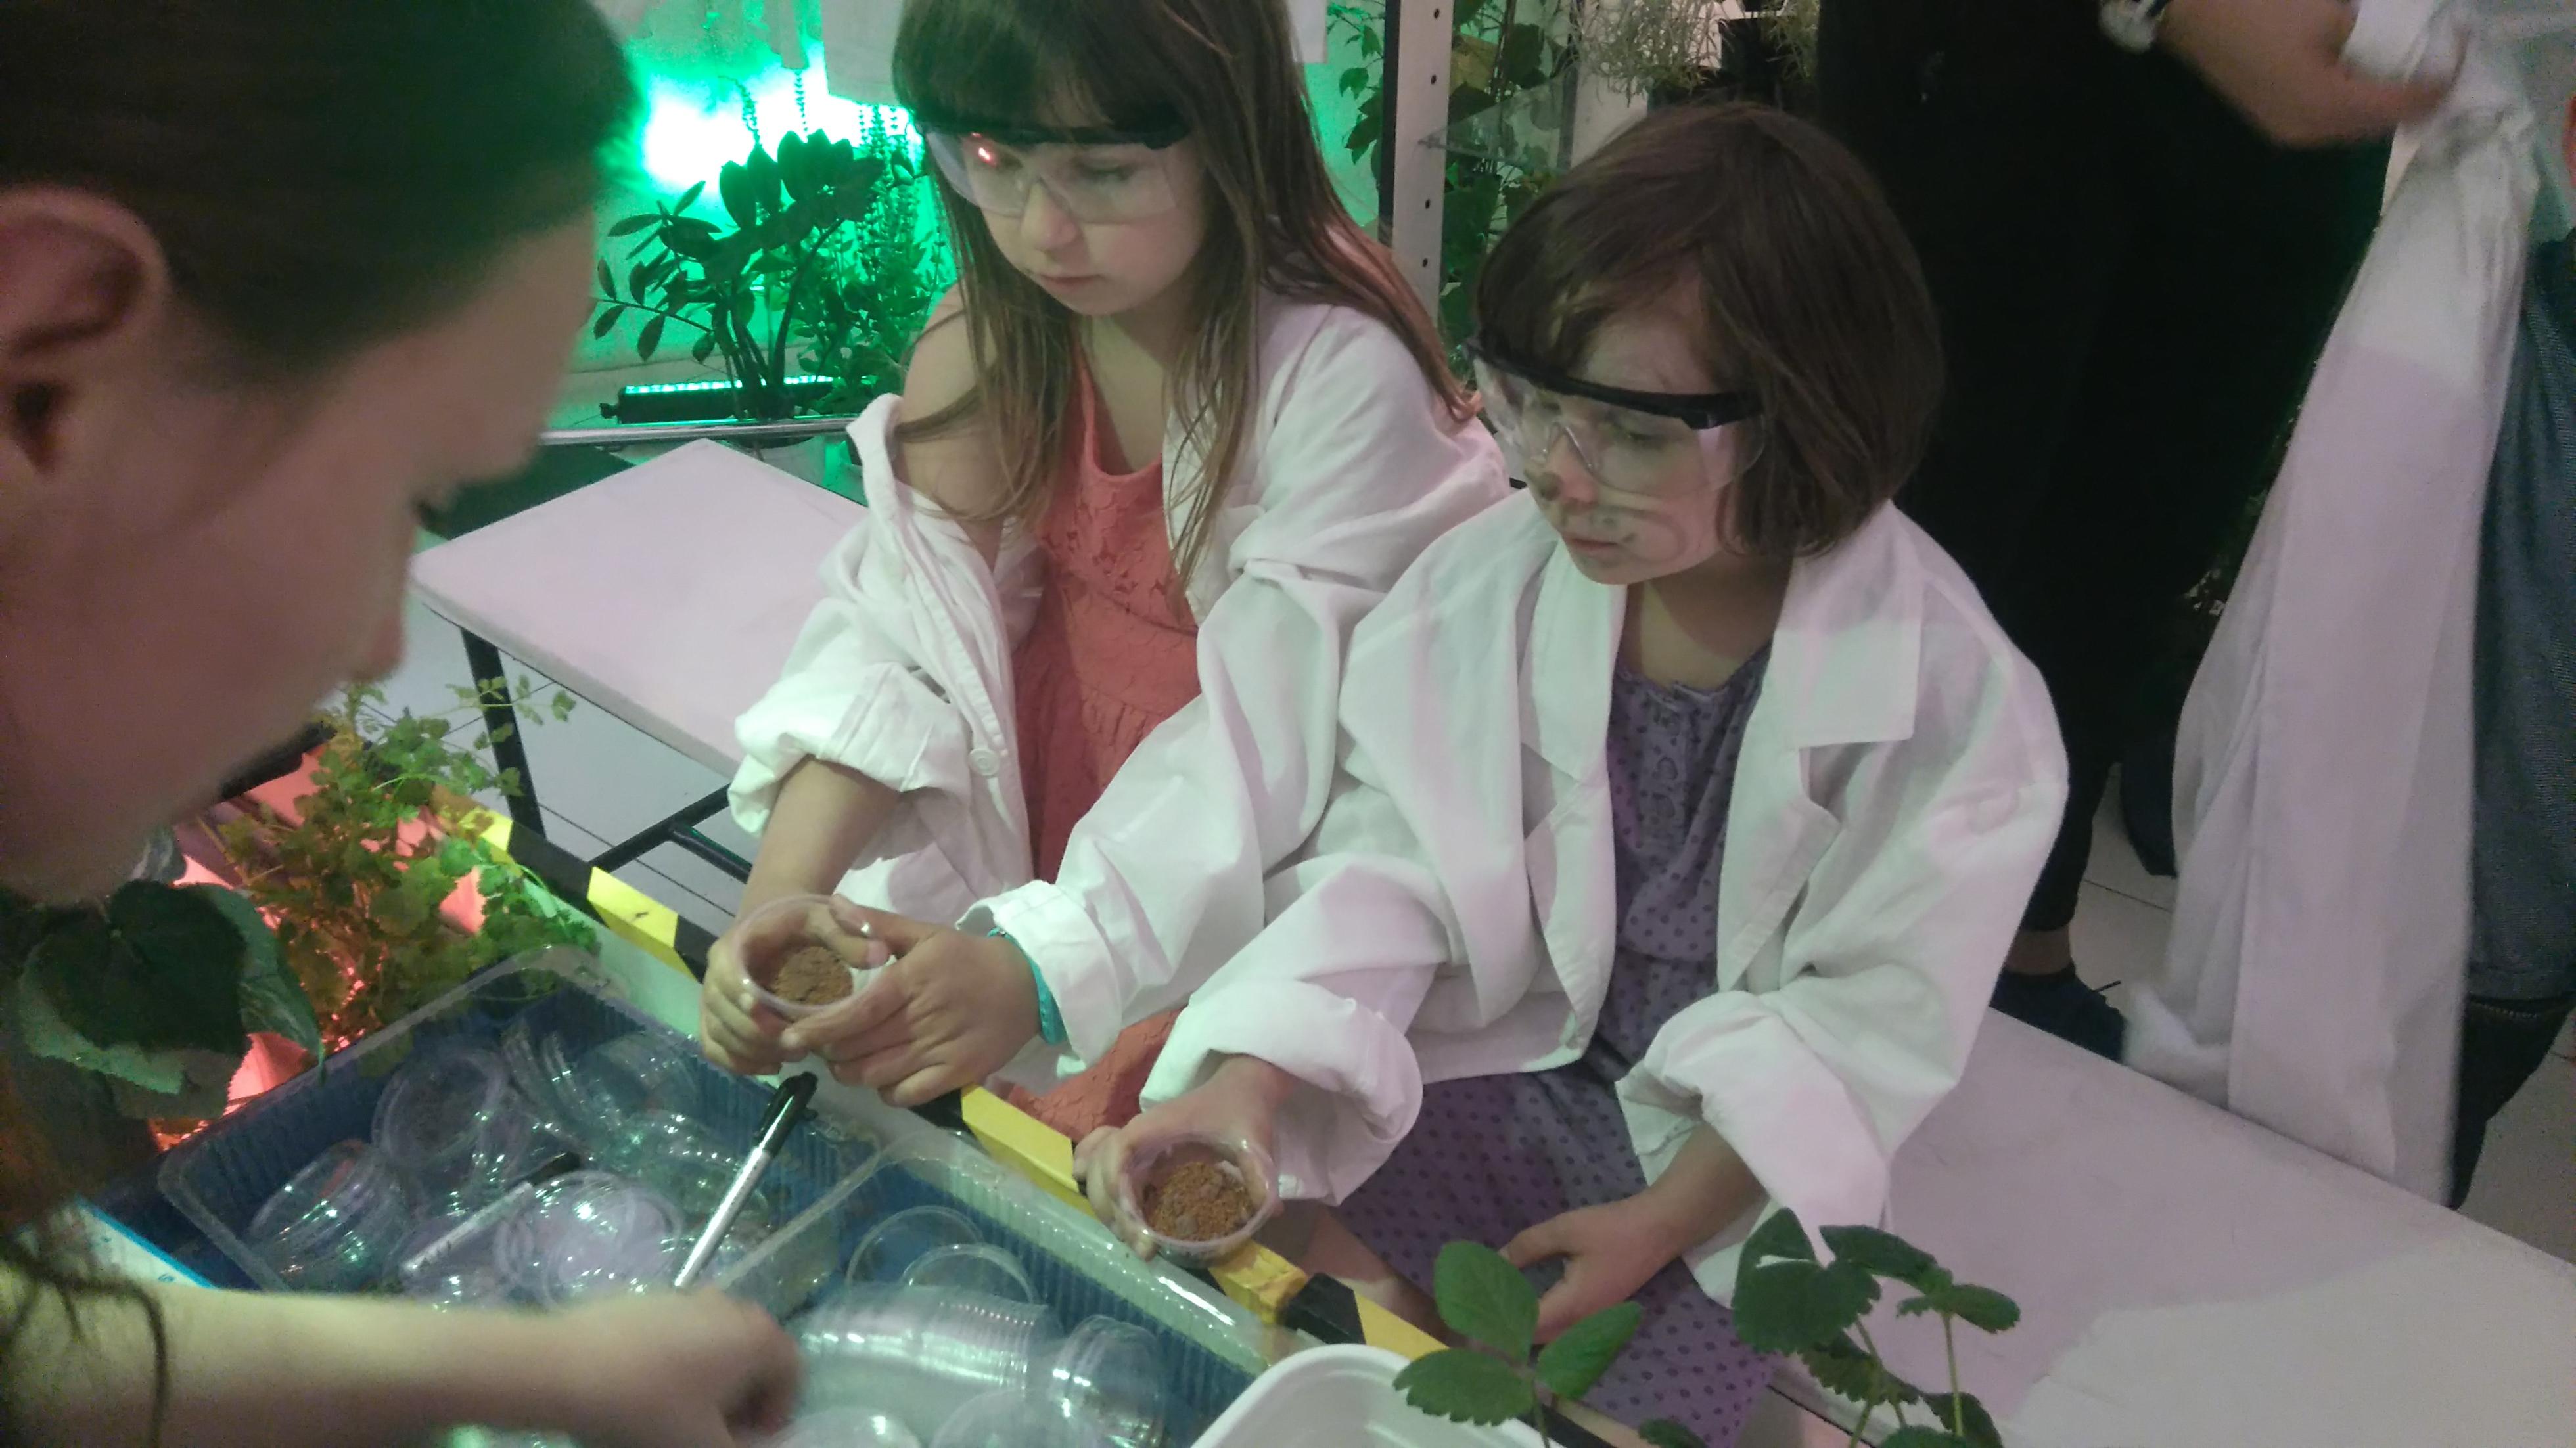 dziewczynki ubrane w fartuchy i specjalne okulary sadzą rzeżuchę